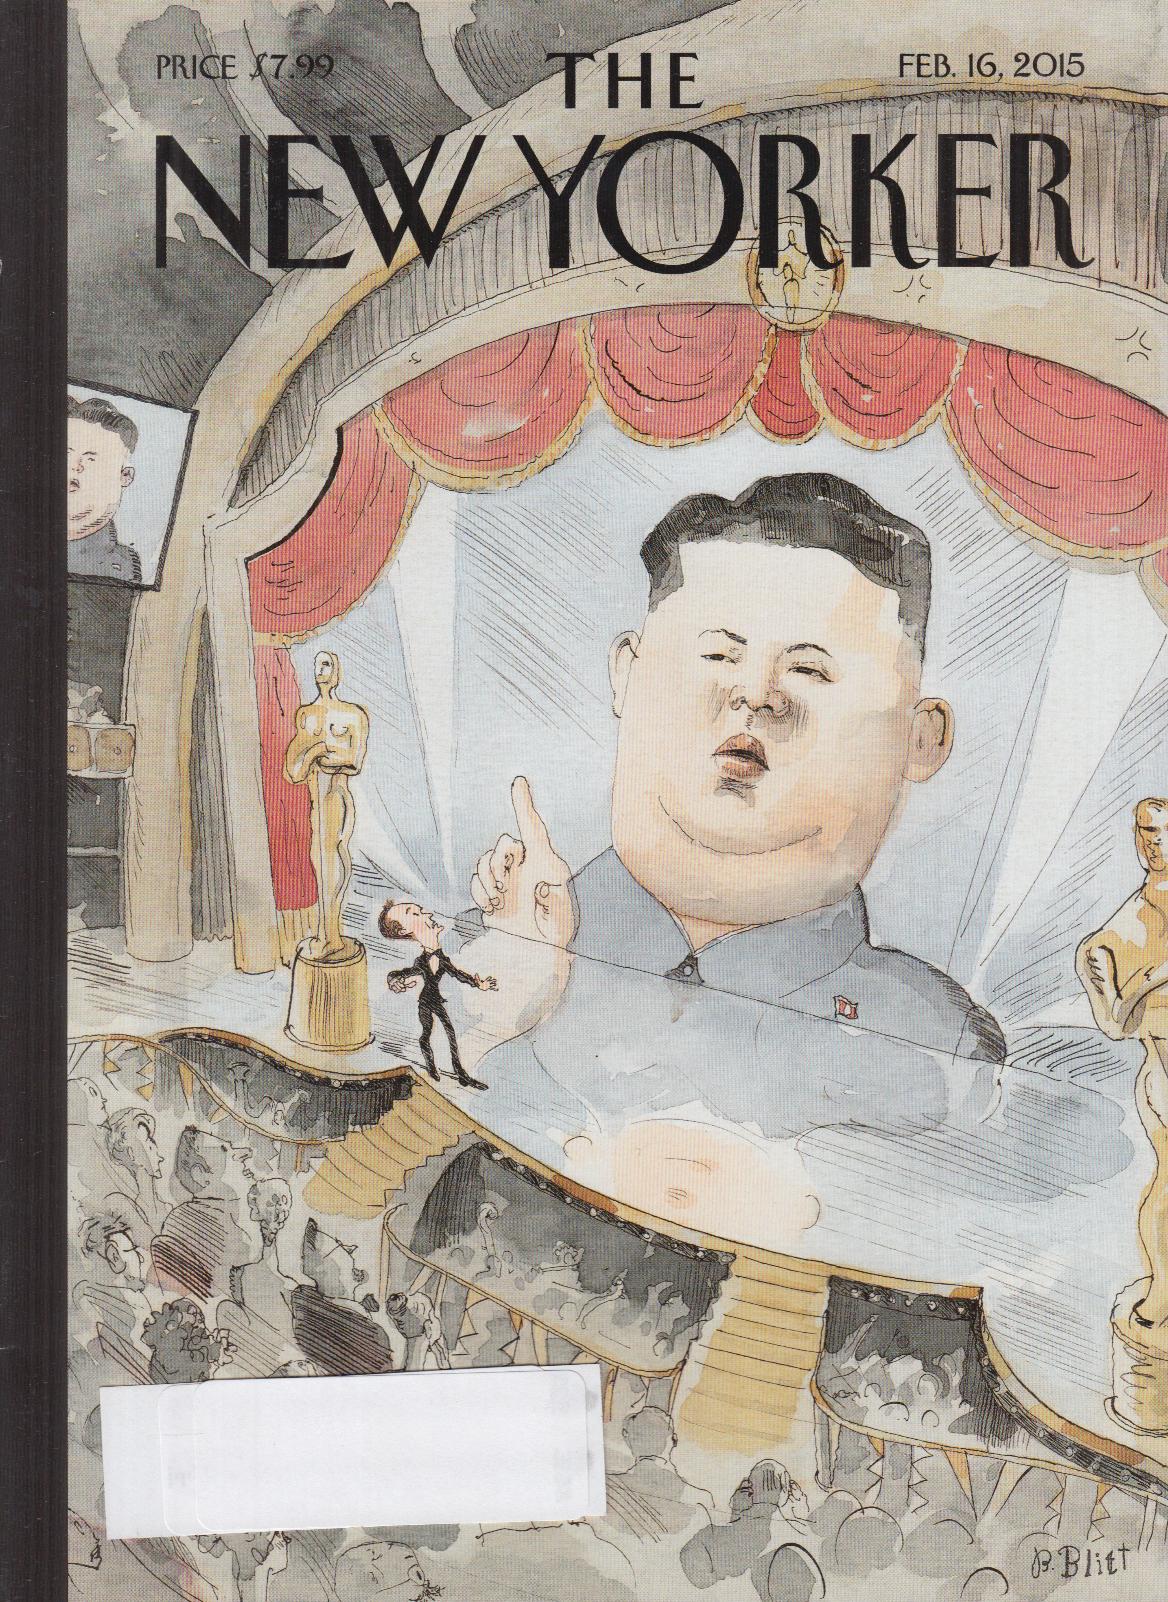 New Yorker cover Blitt 2/16 2015 Kim-Jung Un invades Oscars on huge video screen